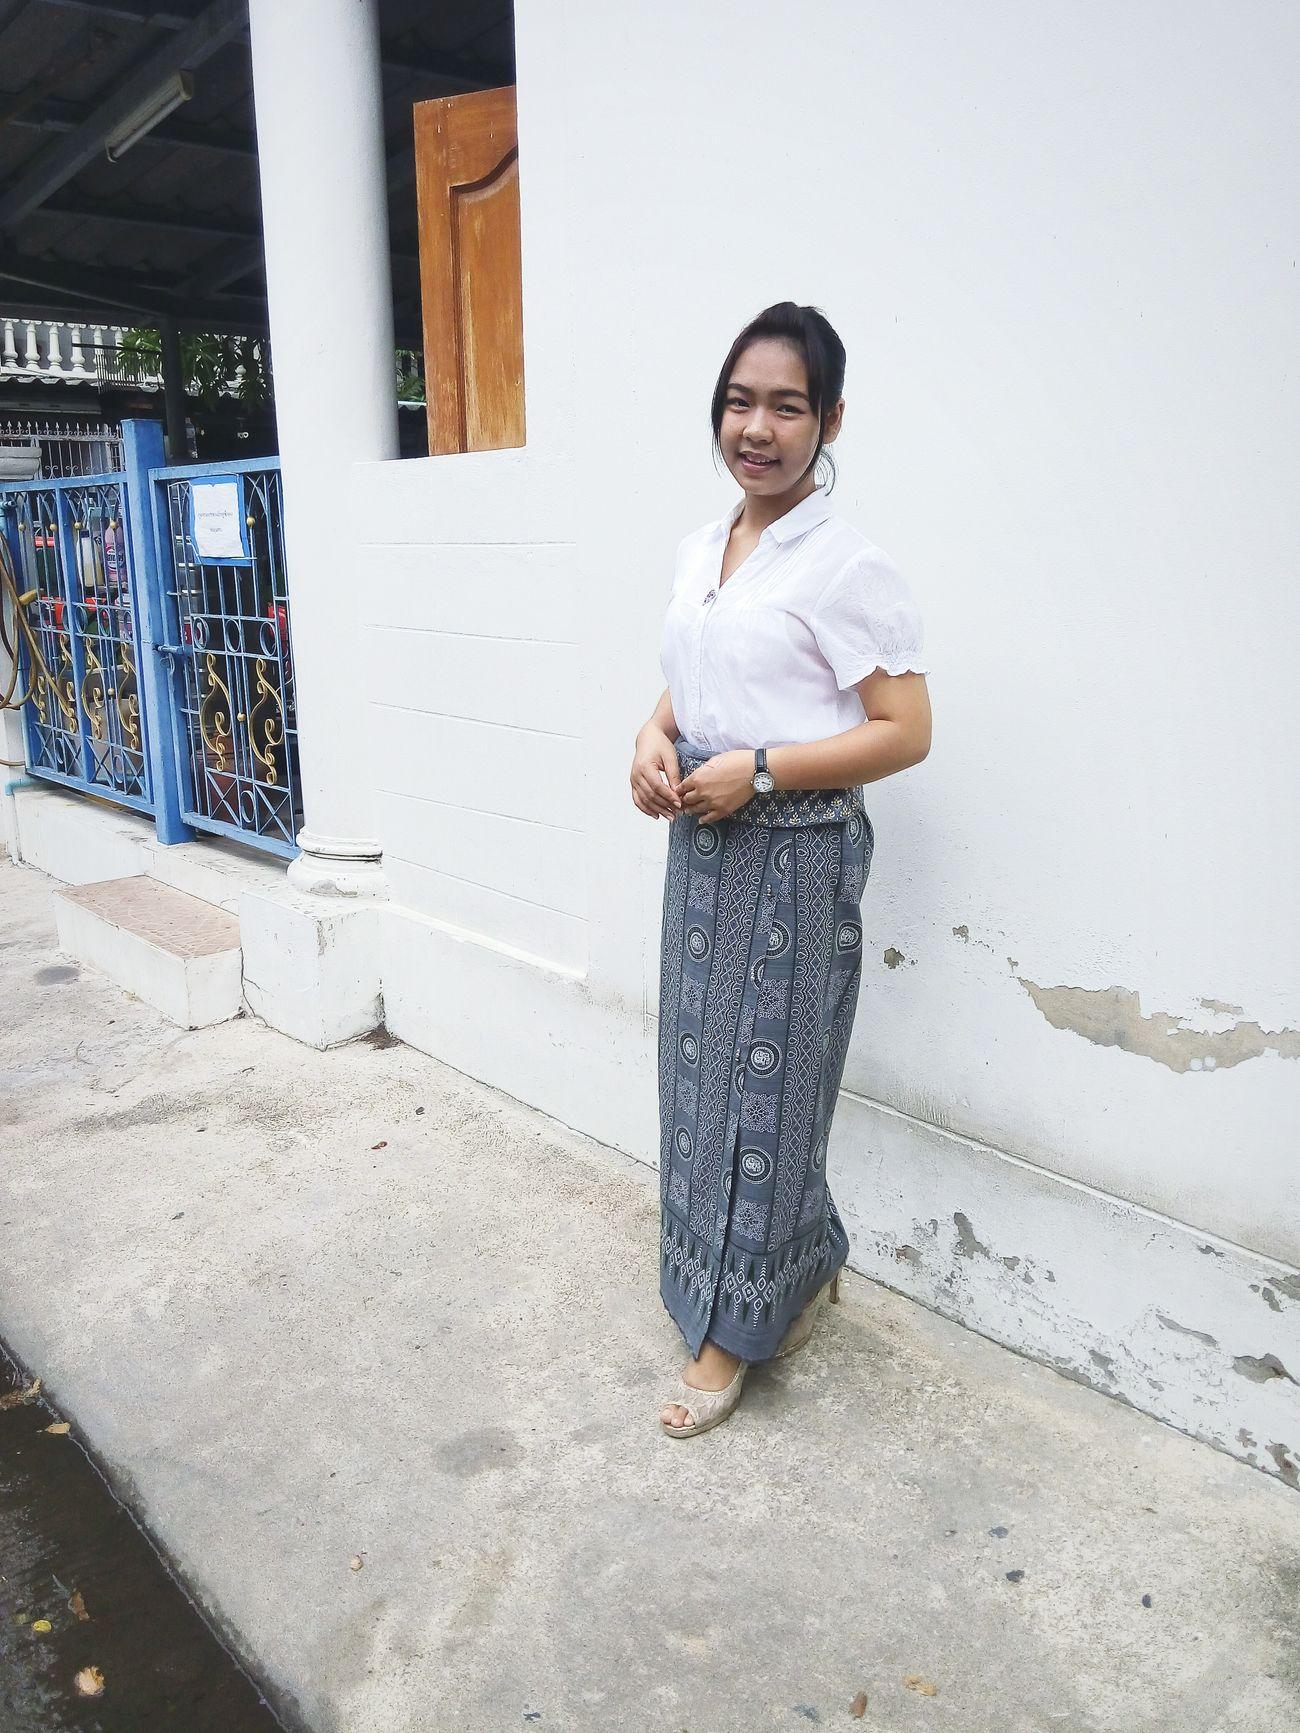 (เห็นกระแสนางสาวทองสร้อย) วันนี้ขอเสนอ นางสาว เทวี 😊 Thaigirl Thaiculture Thaistyle Thailand